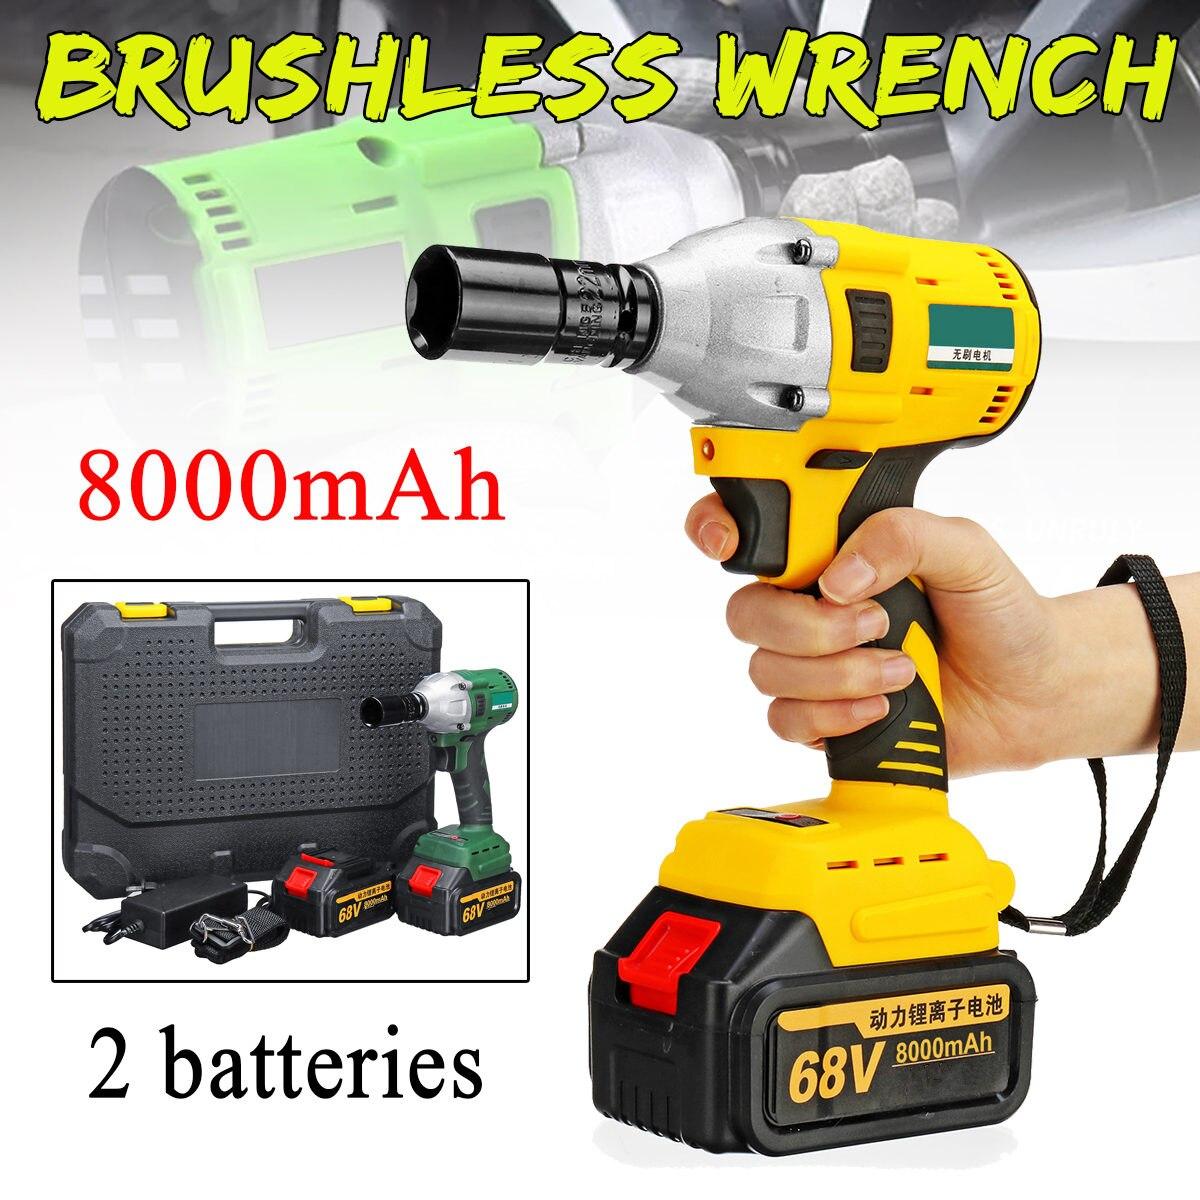 MAh 8000 V Chave Elétrica 2 68 Baterias Carregador 1 Brushless Sem Fio Unidade 460N. m Chave Elétrica Ferramentas De Poder